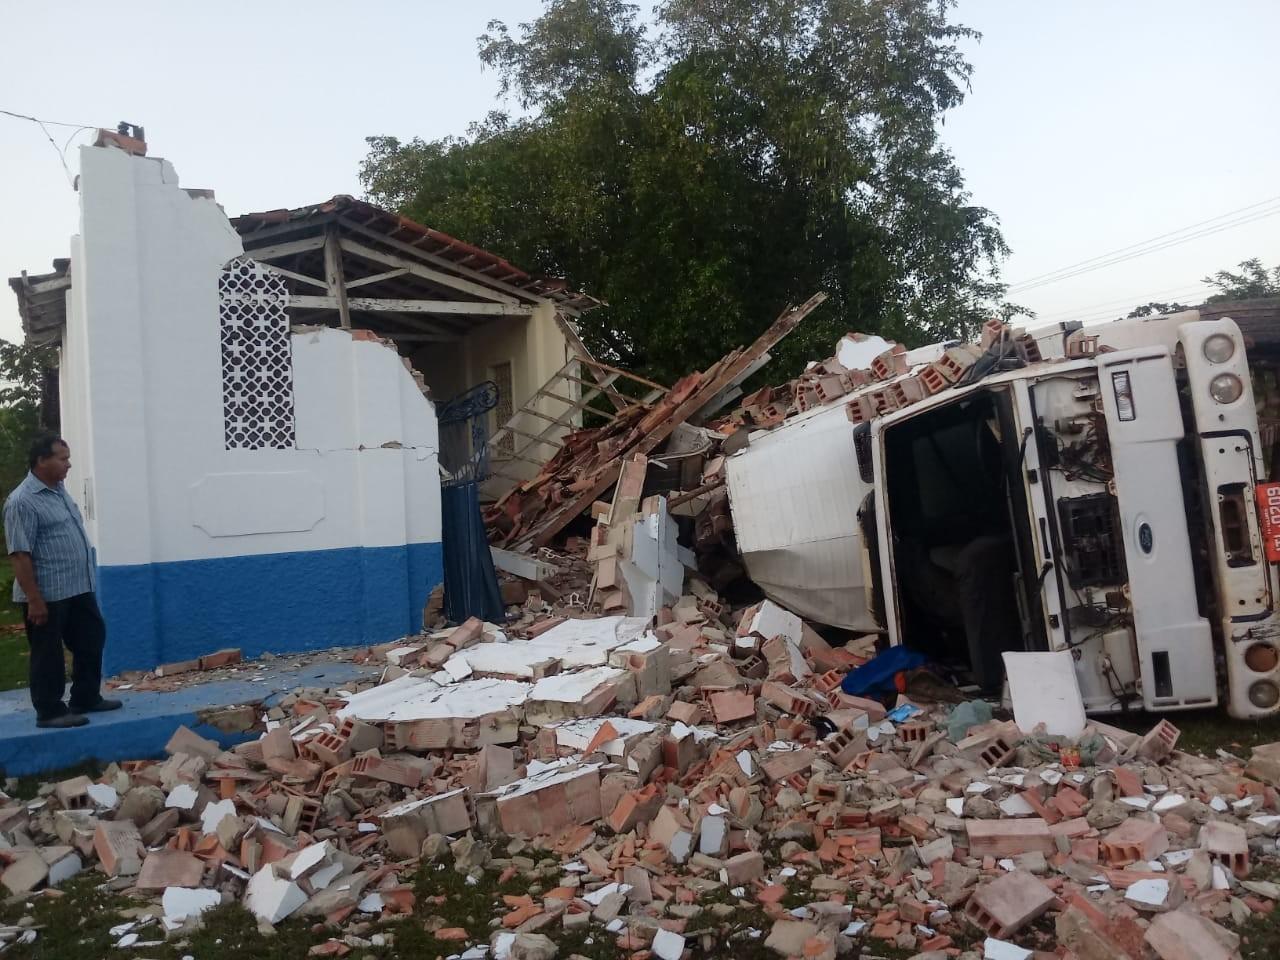 Igreja desaba após carreta colidir contra imóvel no nordeste do Pará - Notícias - Plantão Diário